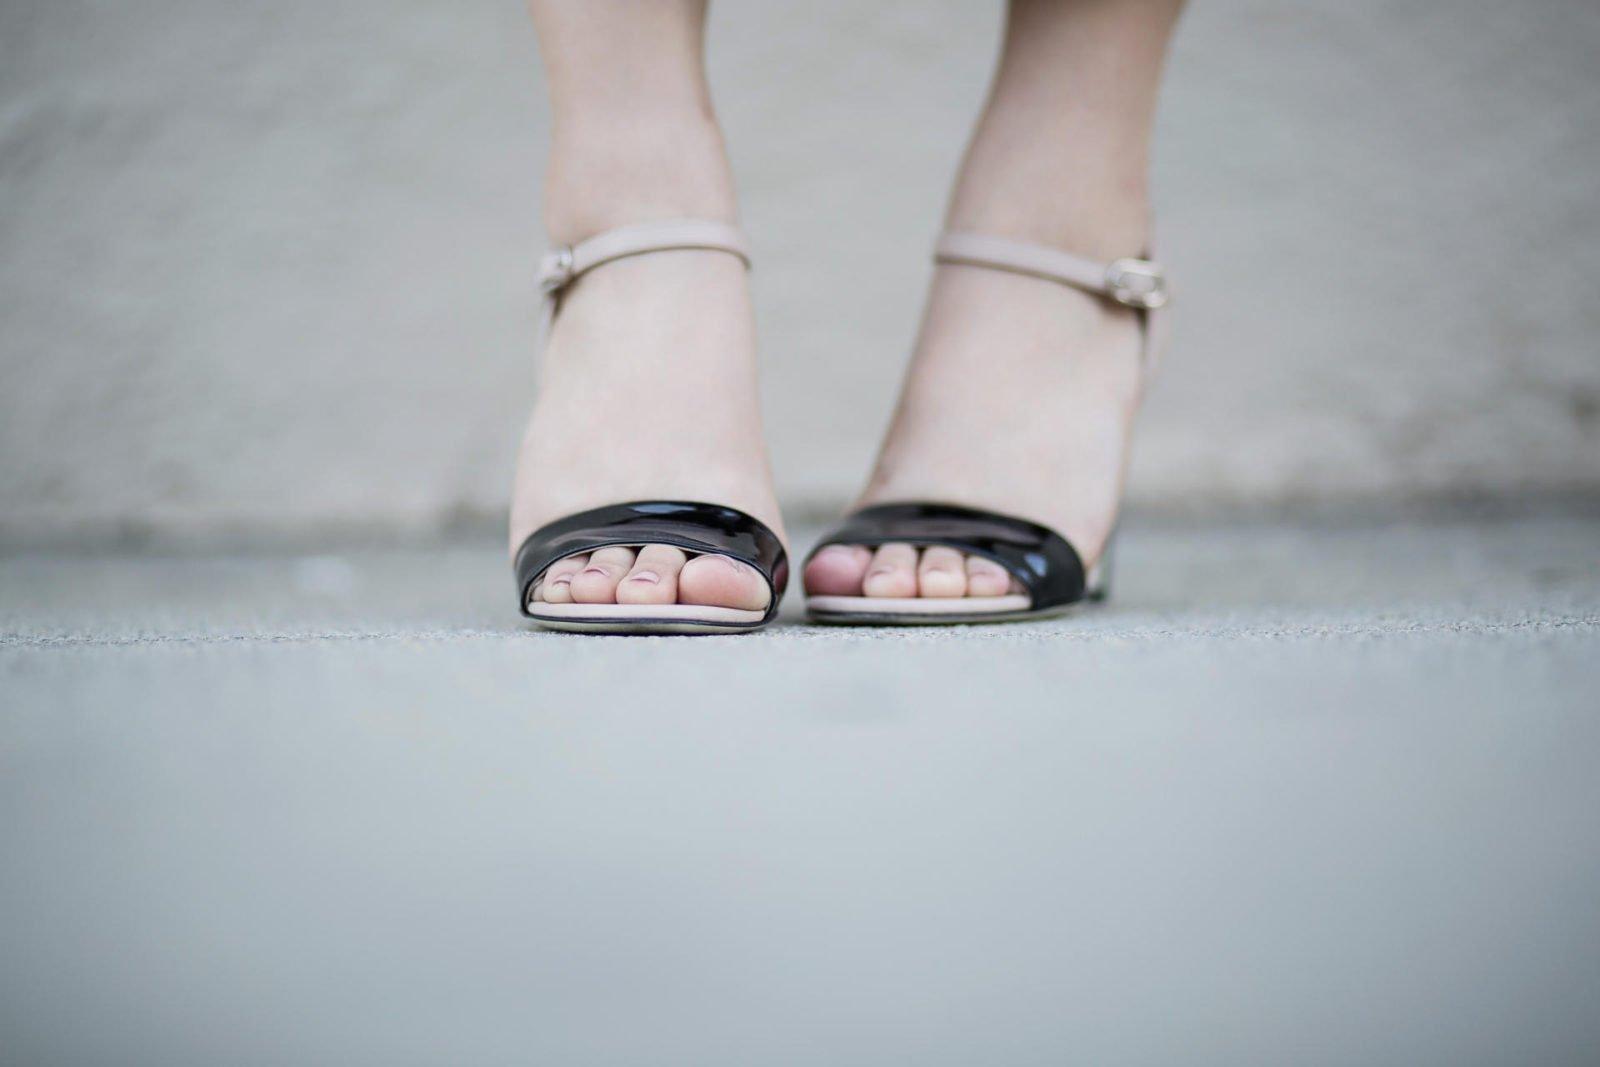 serein-wu-chanel-heels-front